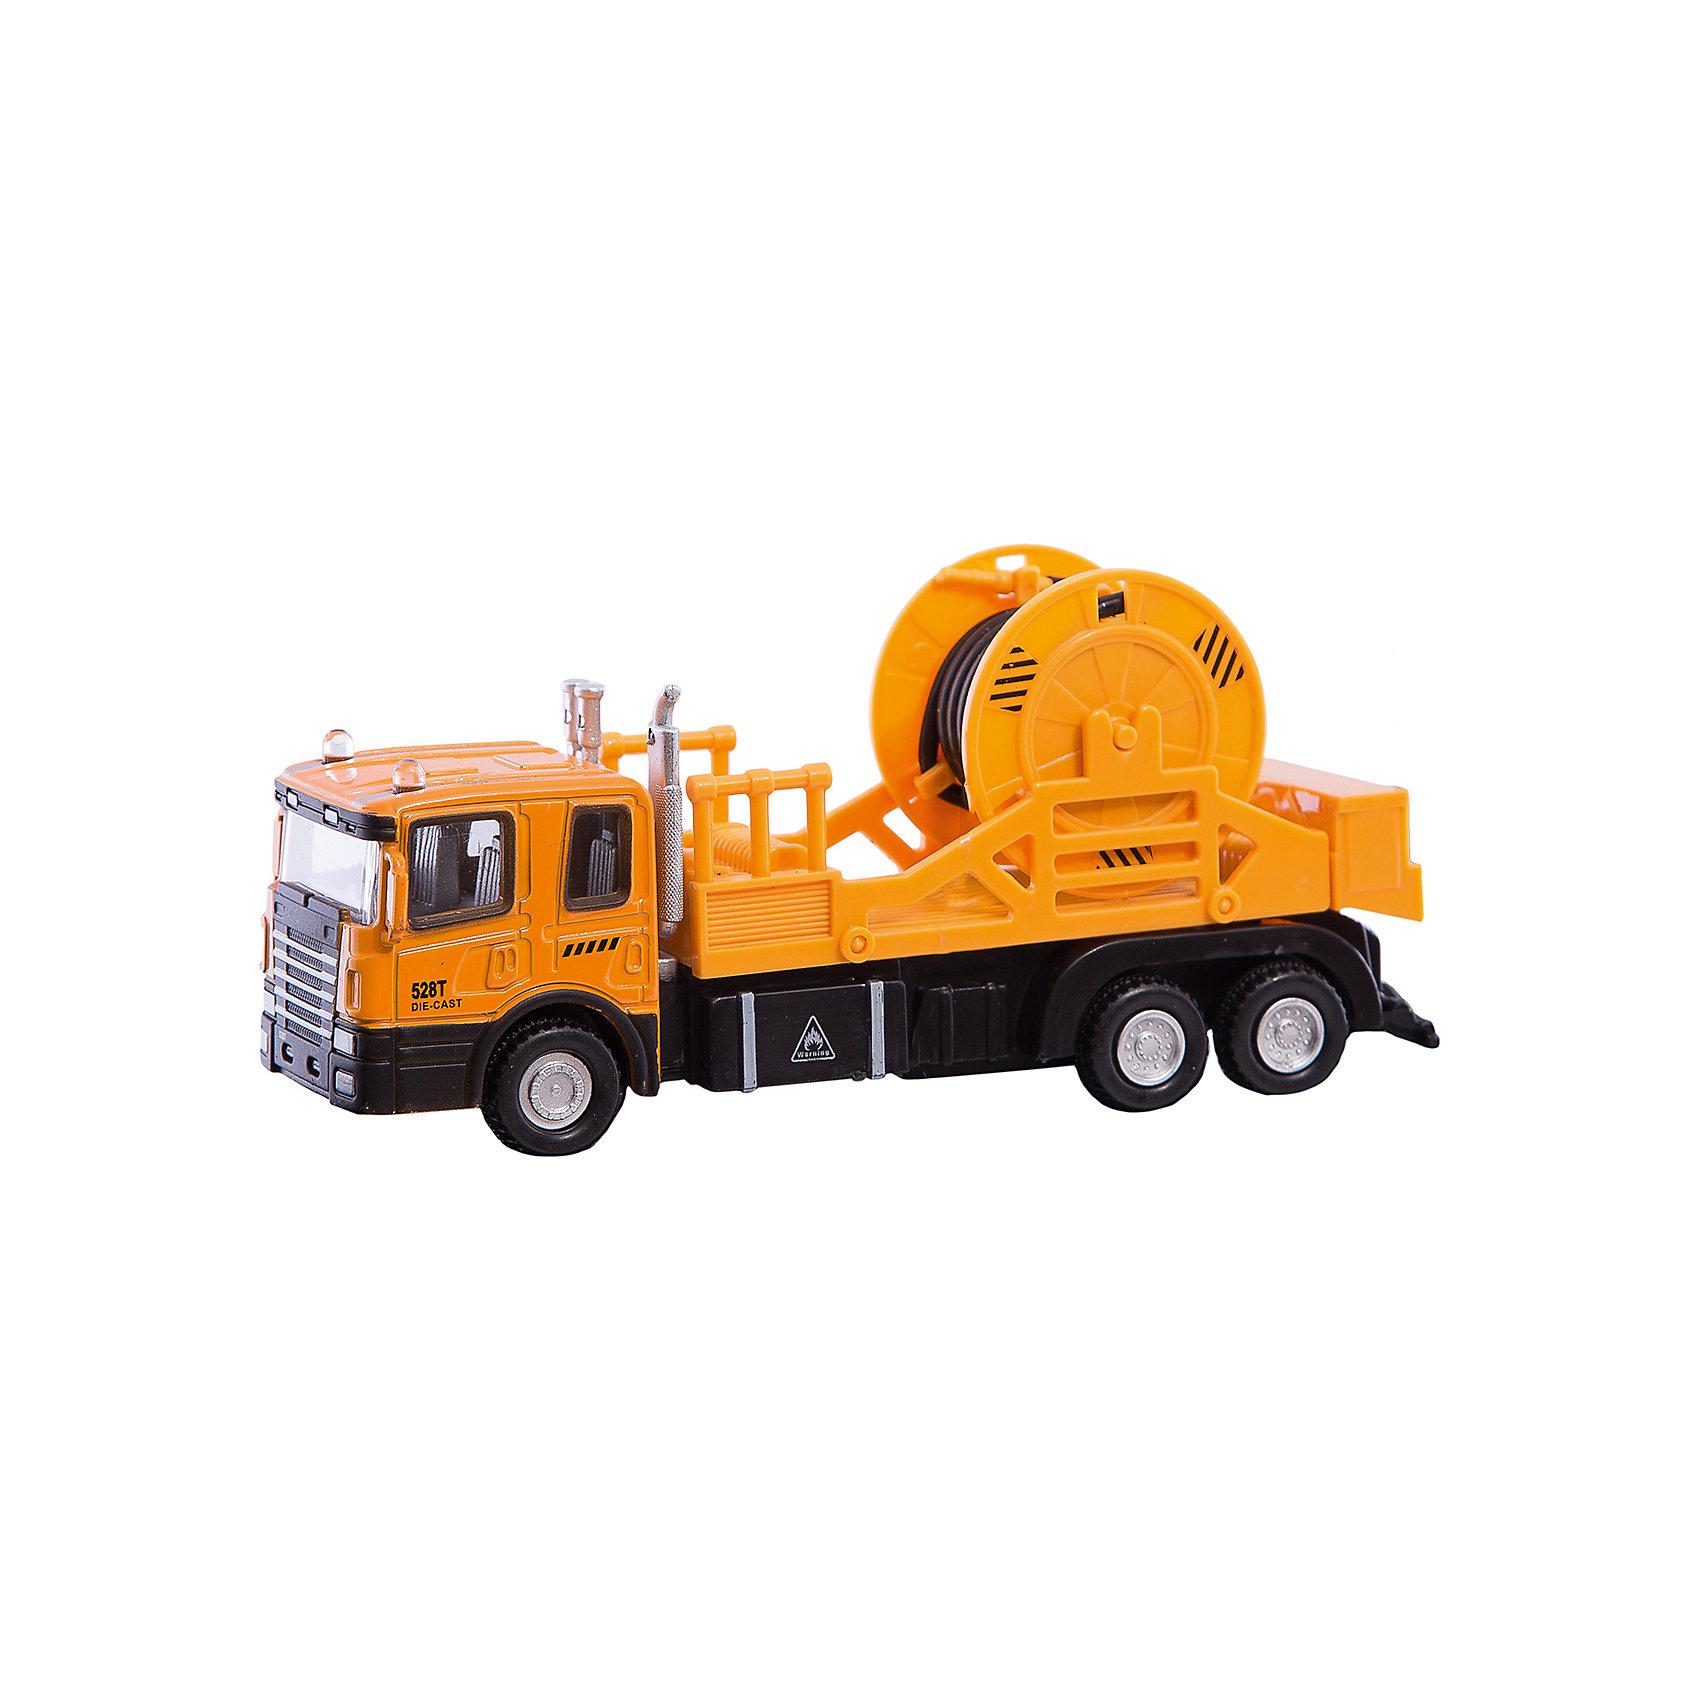 Машинка Mechanic Truck с катушкой 1:48, AutotimeМашинки<br>Характеристики товара:<br><br>• цвет: красный<br>• возраст: от 3 лет<br>• материал: металл, пластик<br>• масштаб: 1:48<br>• колеса вращаются<br>• размер упаковки: 16х6х7 см<br>• вес с упаковкой: 100 г<br>• страна бренда: Россия, Китай<br>• страна изготовитель: Китай<br><br>Эта коллекционная модель машинки отличается высокой детализацией. Окна - прозрачные, поэтому через них можно увидеть салон.<br><br>Сделана машинка из прочного и безопасного материала. Модель с катушкой.<br><br>Машинку «Mechanic Truck» с катушкой 1:48, Autotime (Автотайм) можно купить в нашем интернет-магазине.<br><br>Ширина мм: 165<br>Глубина мм: 57<br>Высота мм: 75<br>Вес г: 13<br>Возраст от месяцев: 36<br>Возраст до месяцев: 2147483647<br>Пол: Мужской<br>Возраст: Детский<br>SKU: 5584053